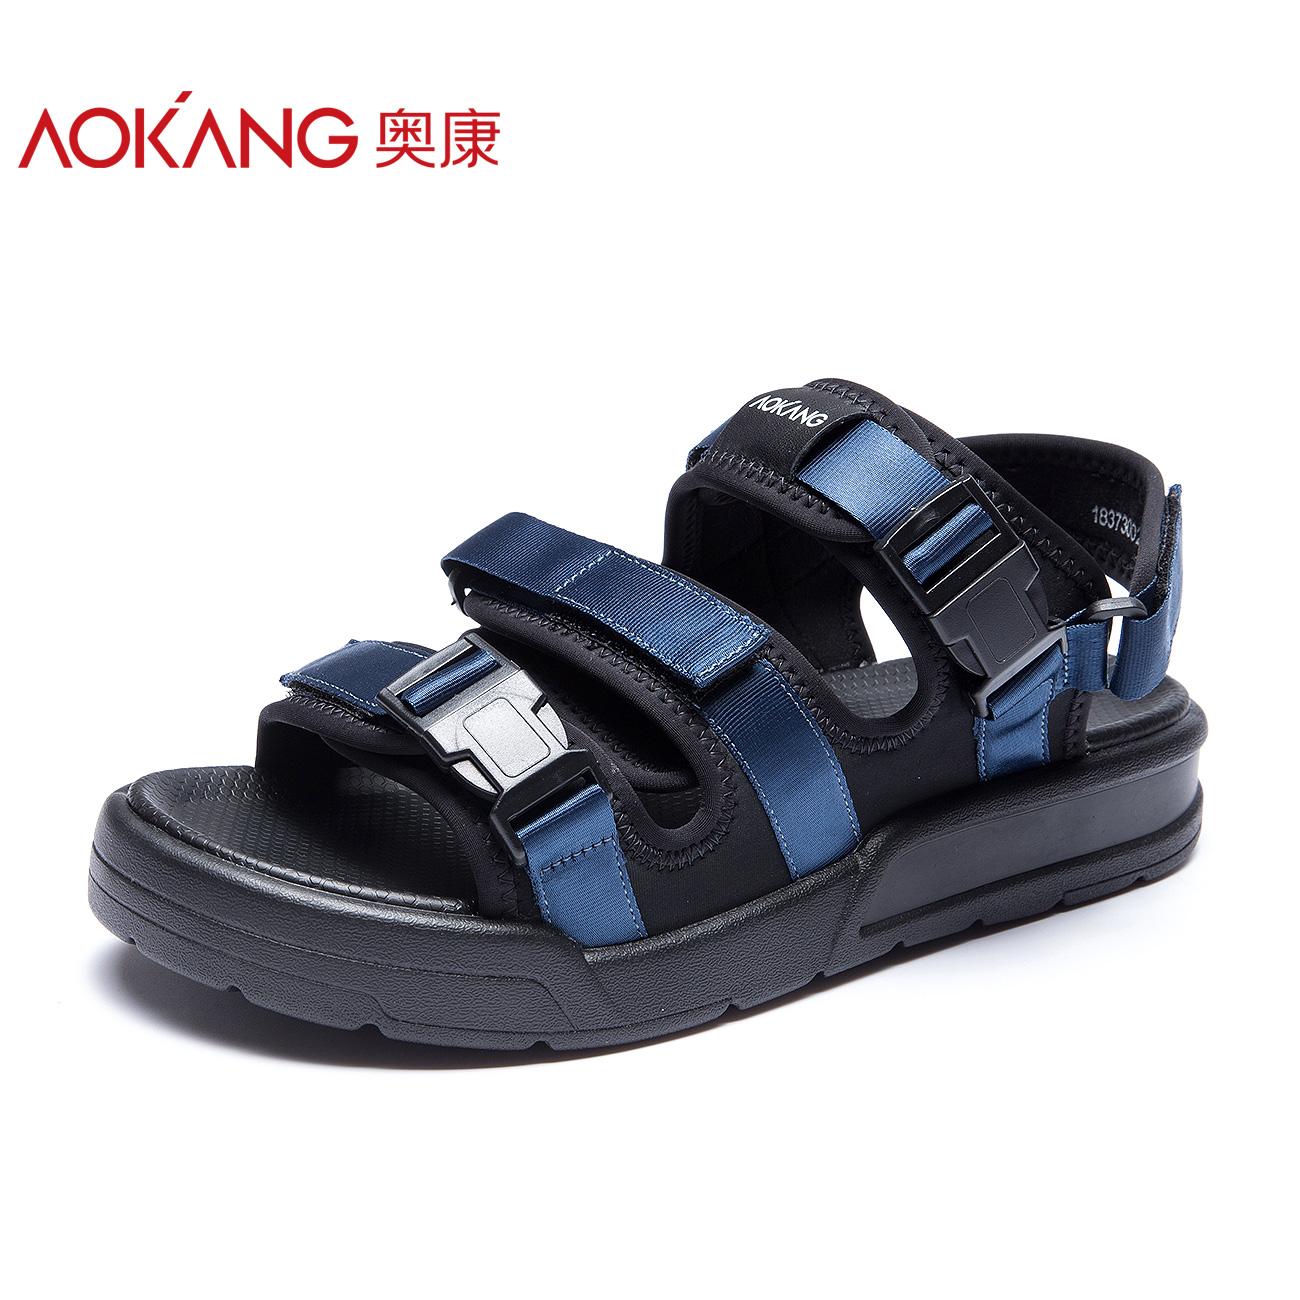 奥康旗舰店官方男鞋2018夏季潮流新款韩版罗马鞋男士运动沙滩凉鞋